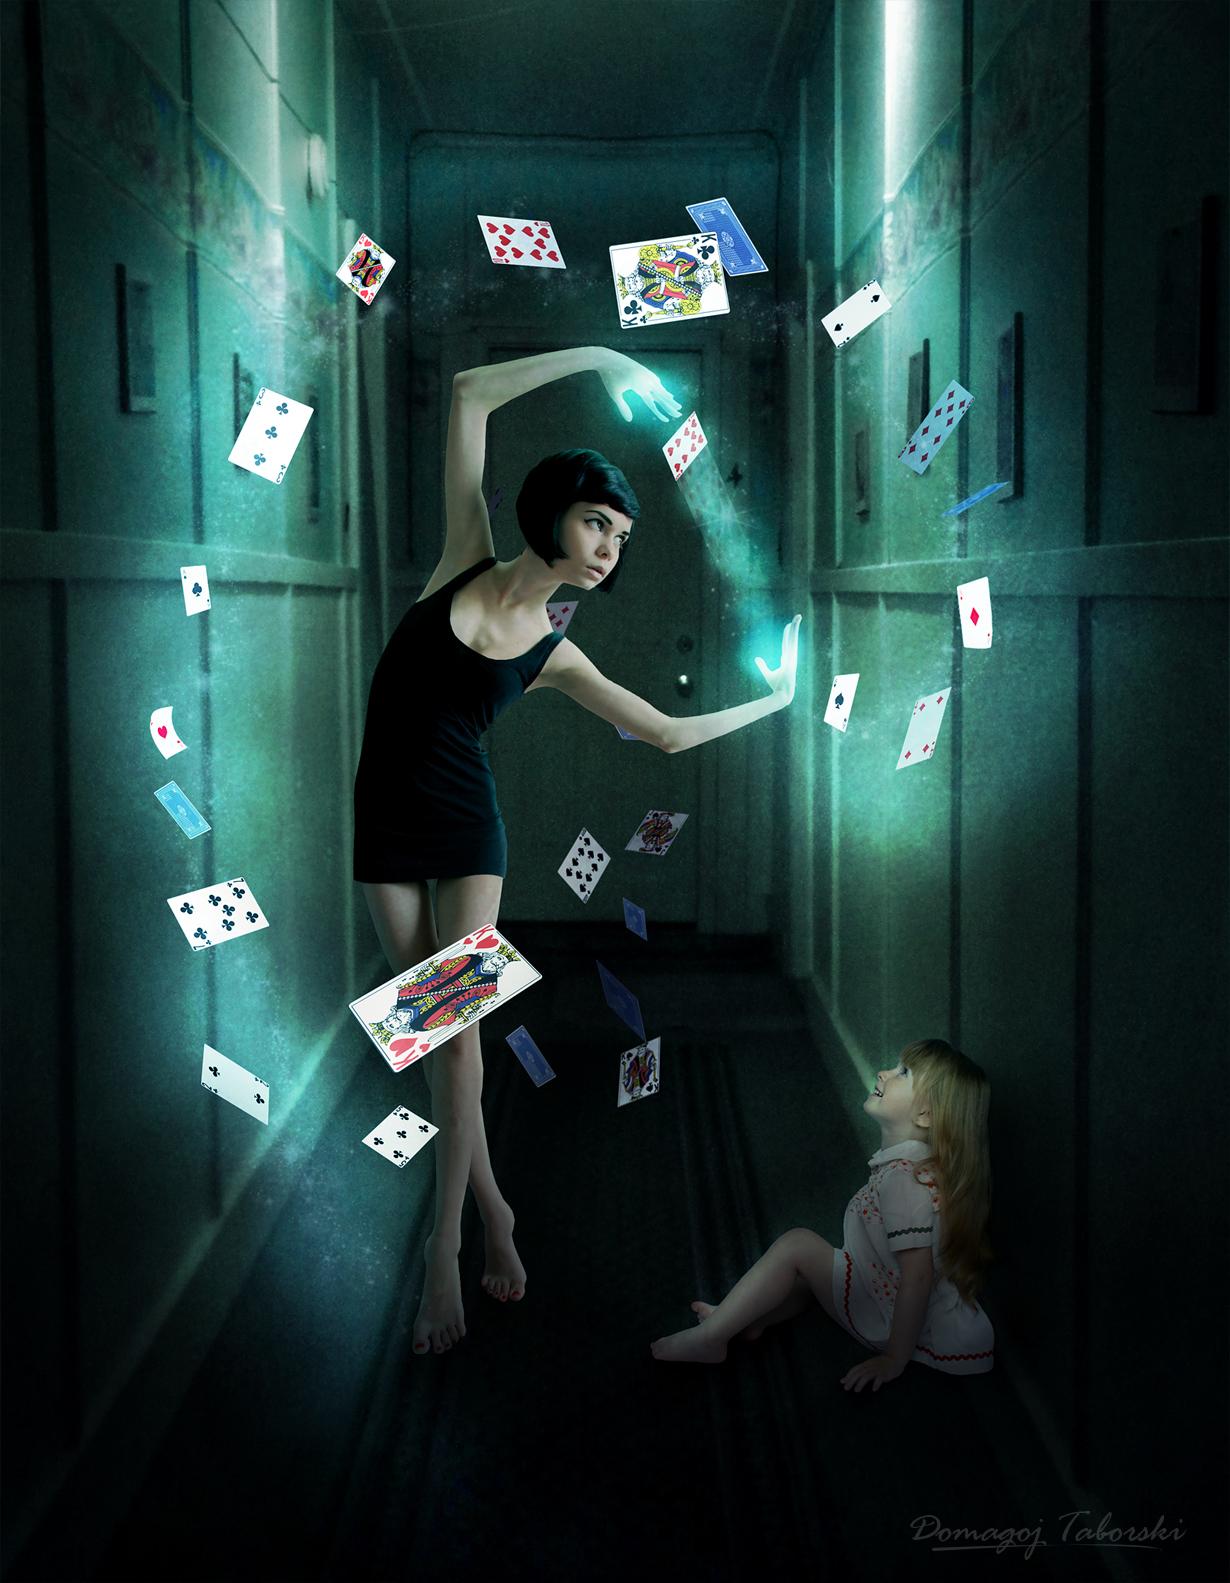 Magic Trick by DomagojTaborski